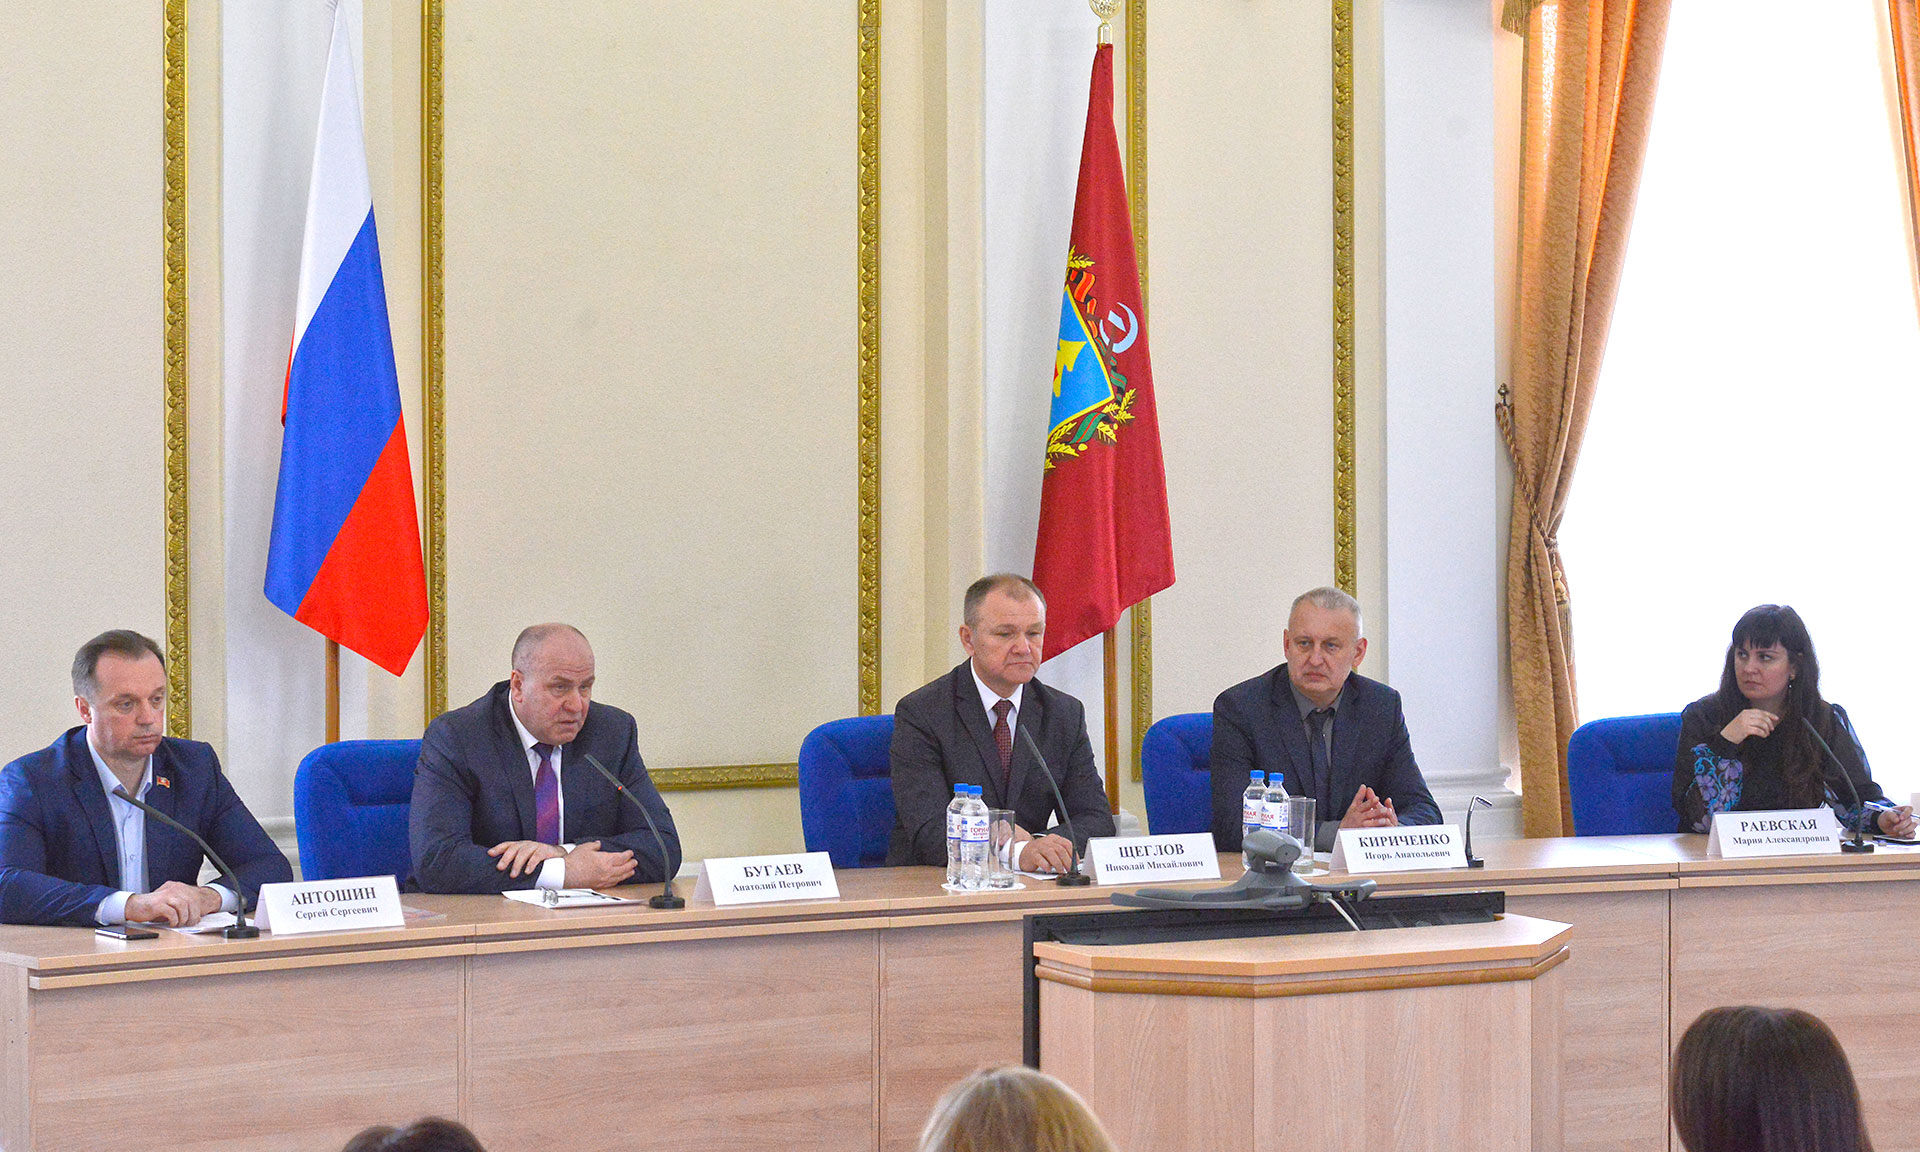 Радимичи приняли участие в обсуждении реализации молодежной политики